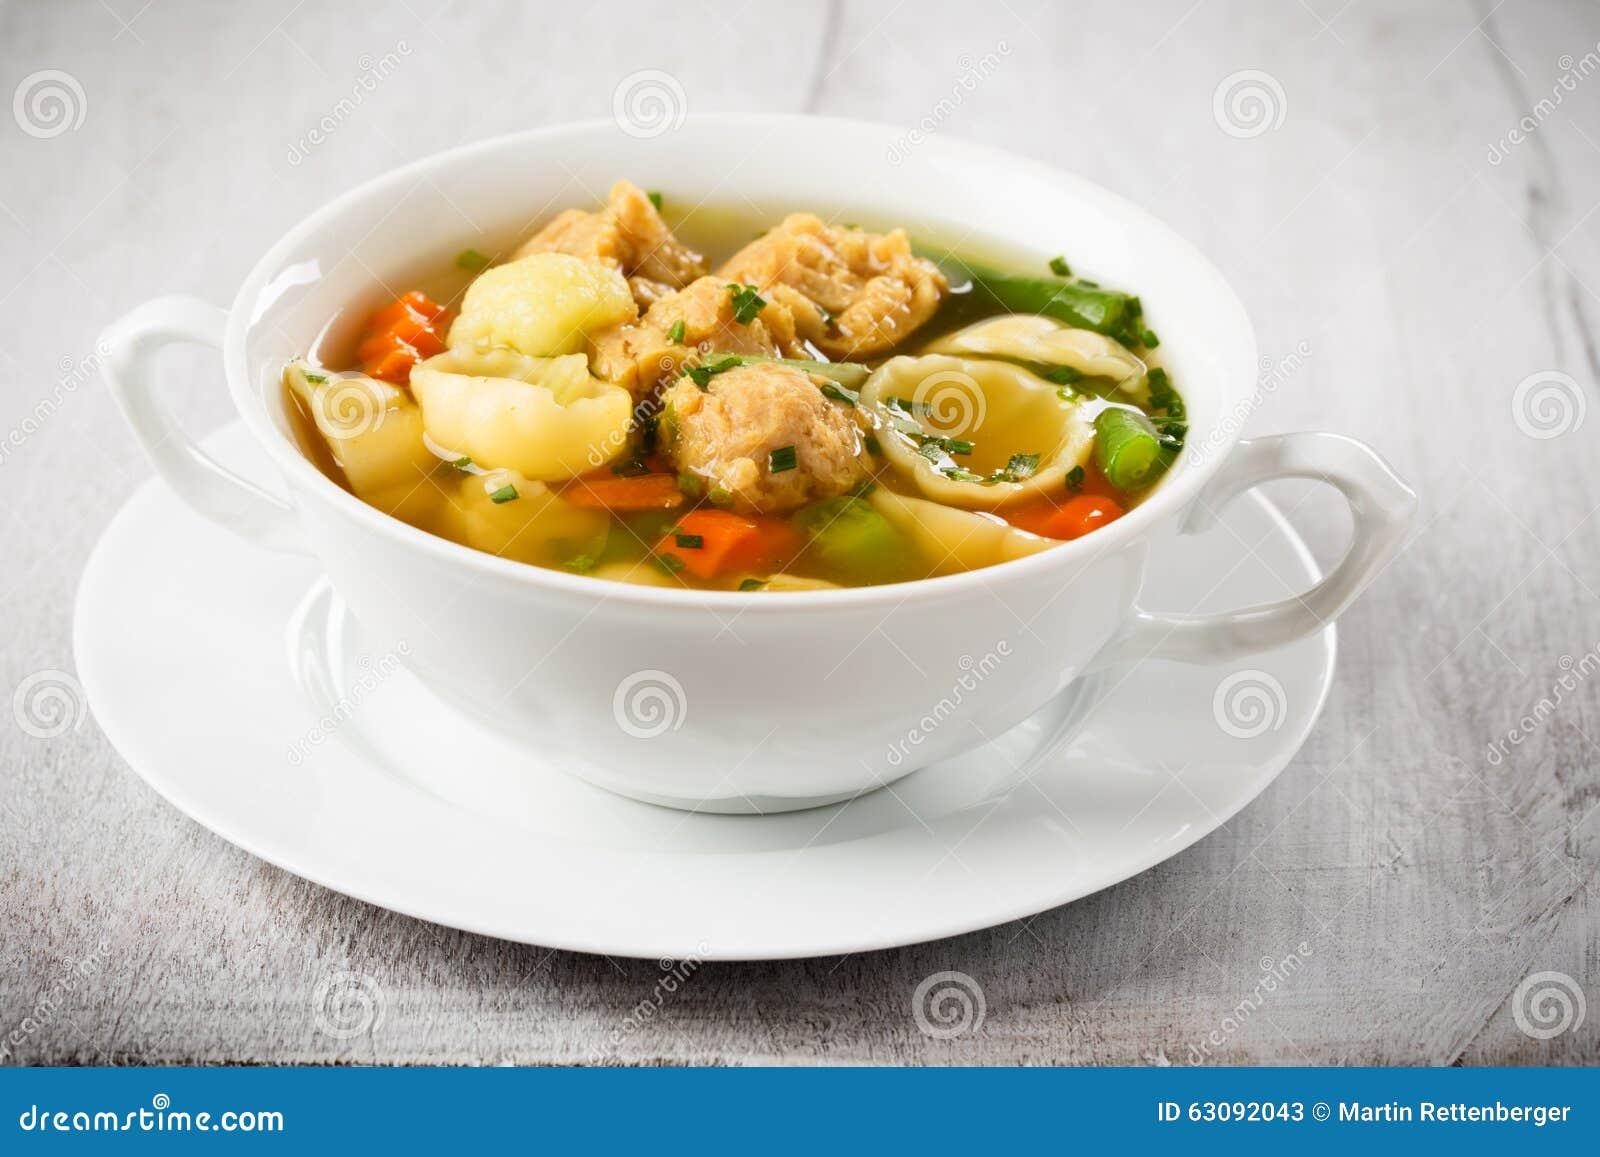 Download Soupe De Nouilles De Vegan Avec Des Gros Morceaux De Soja Image stock - Image du céleri, persil: 63092043